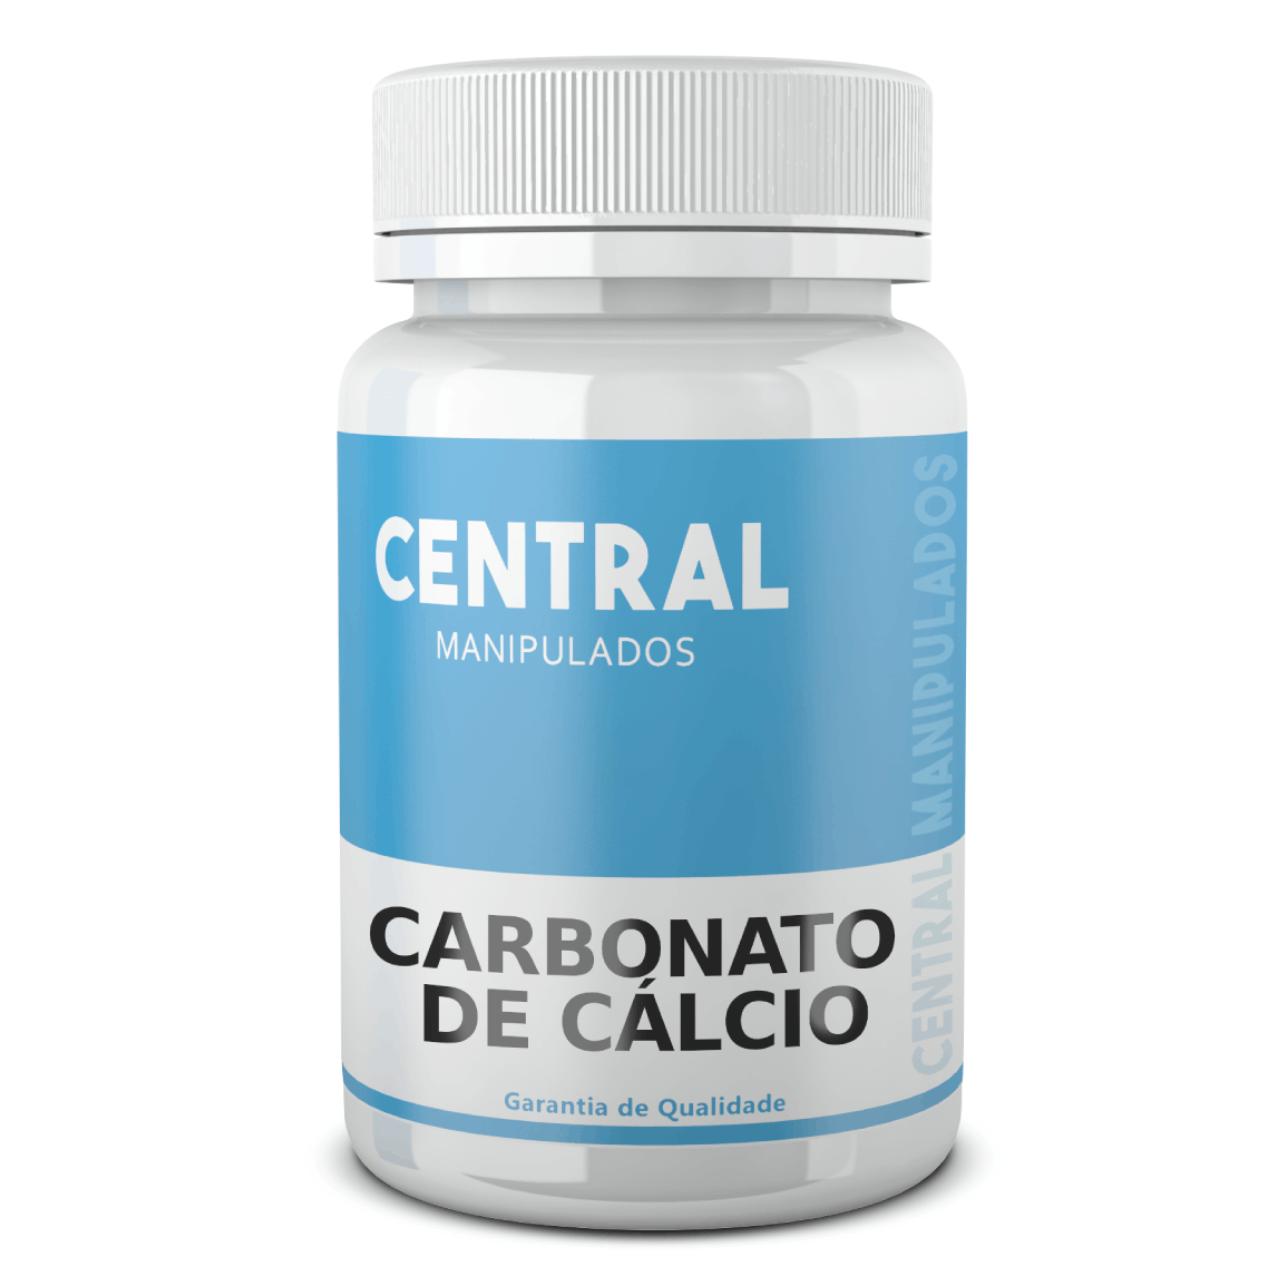 Carbonato de Cálcio 600mg - 120 cápsulas - Suplemento de Cálcio